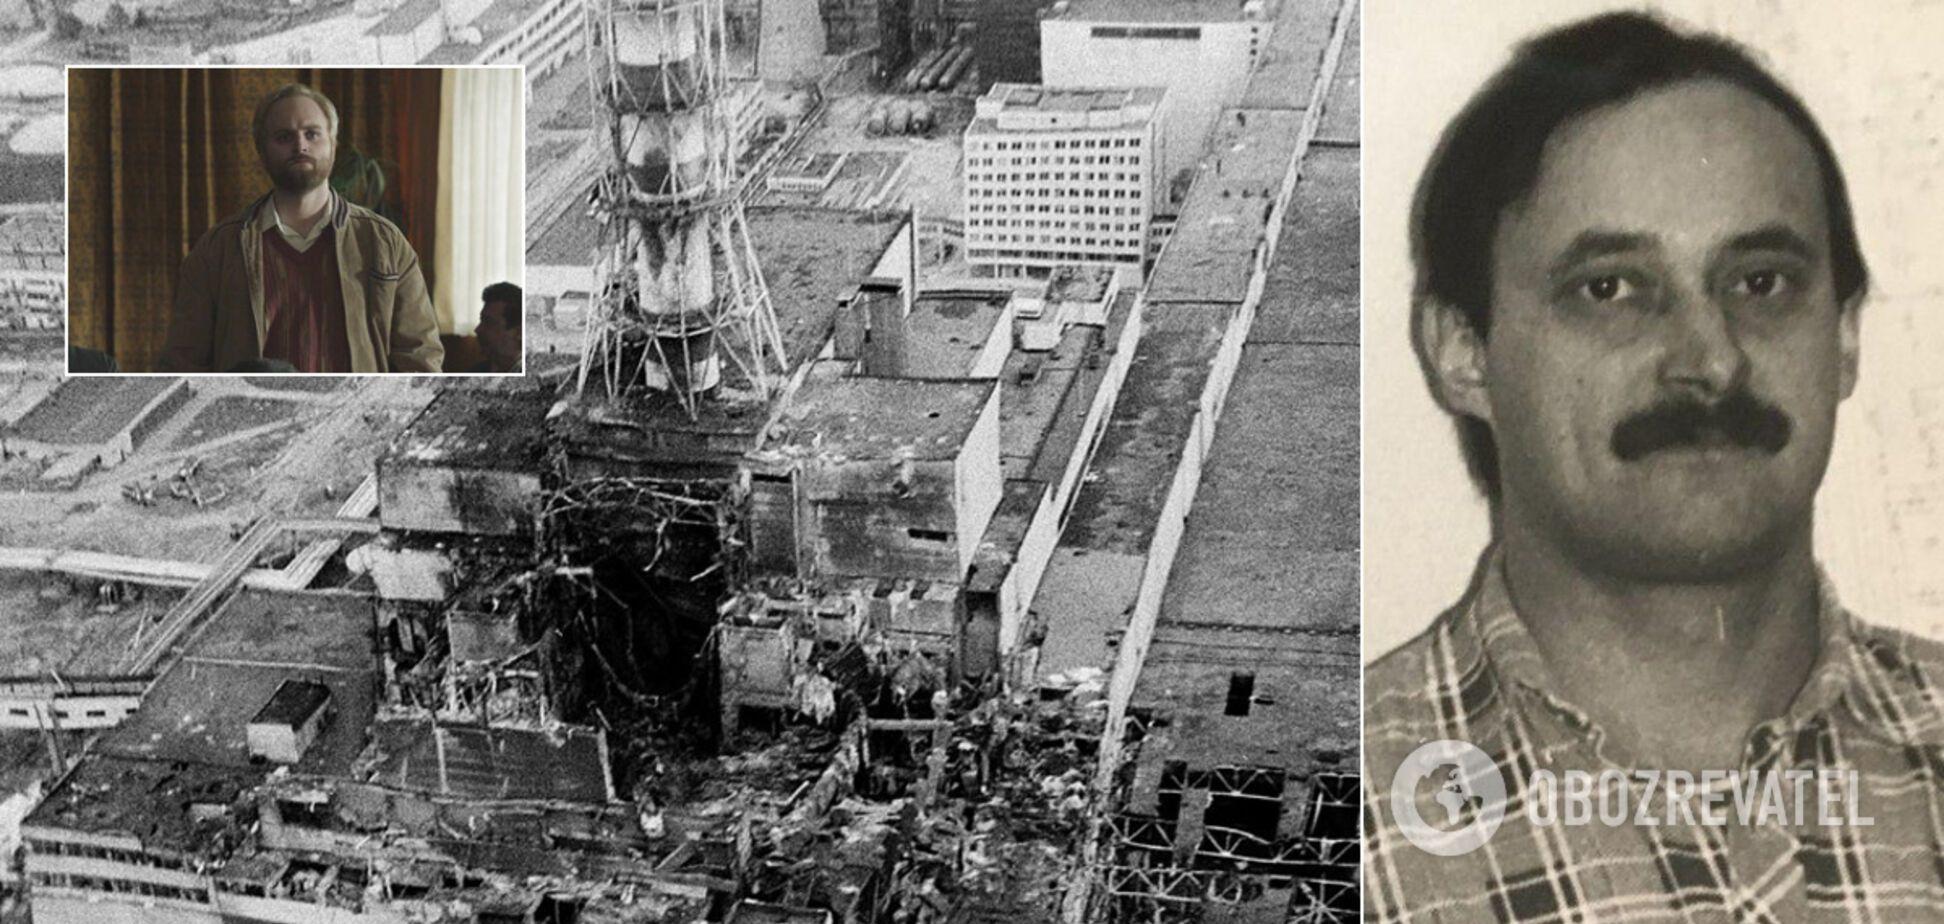 'Просим разрешения убить трех людей!' Прототип героя 'Чернобыля' Ананенко раскрыл шокирующую правду о спасательной операции